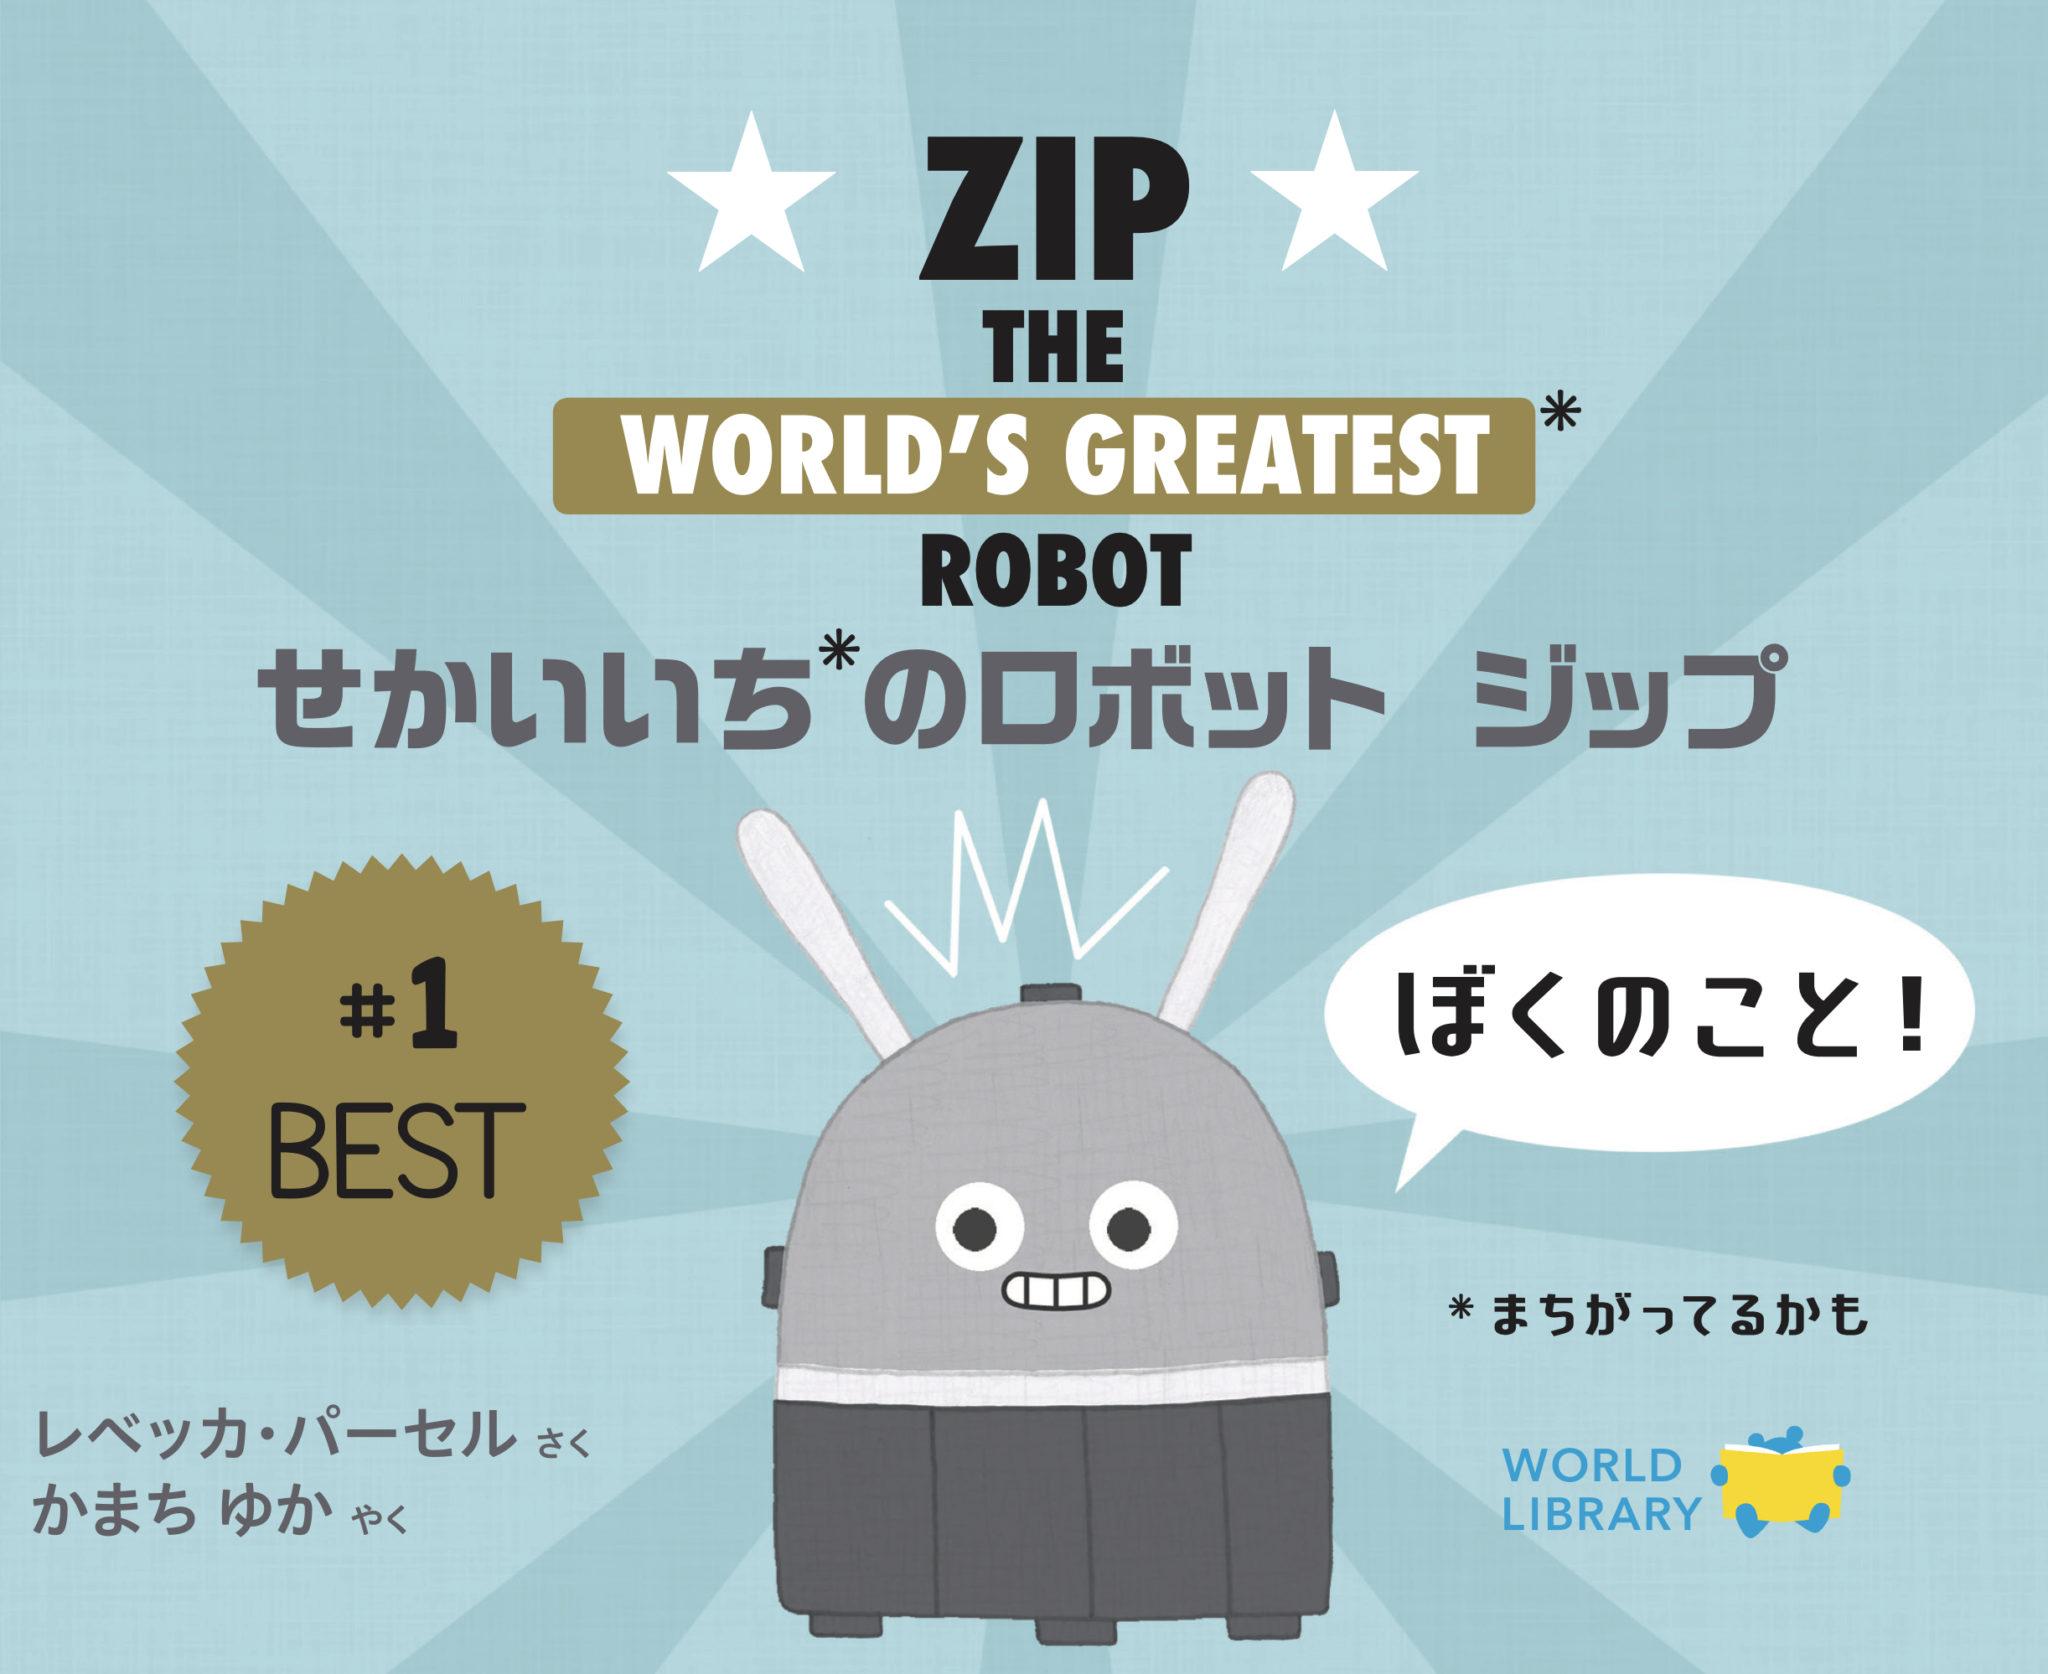 『せかいいちのロボット ジップ』